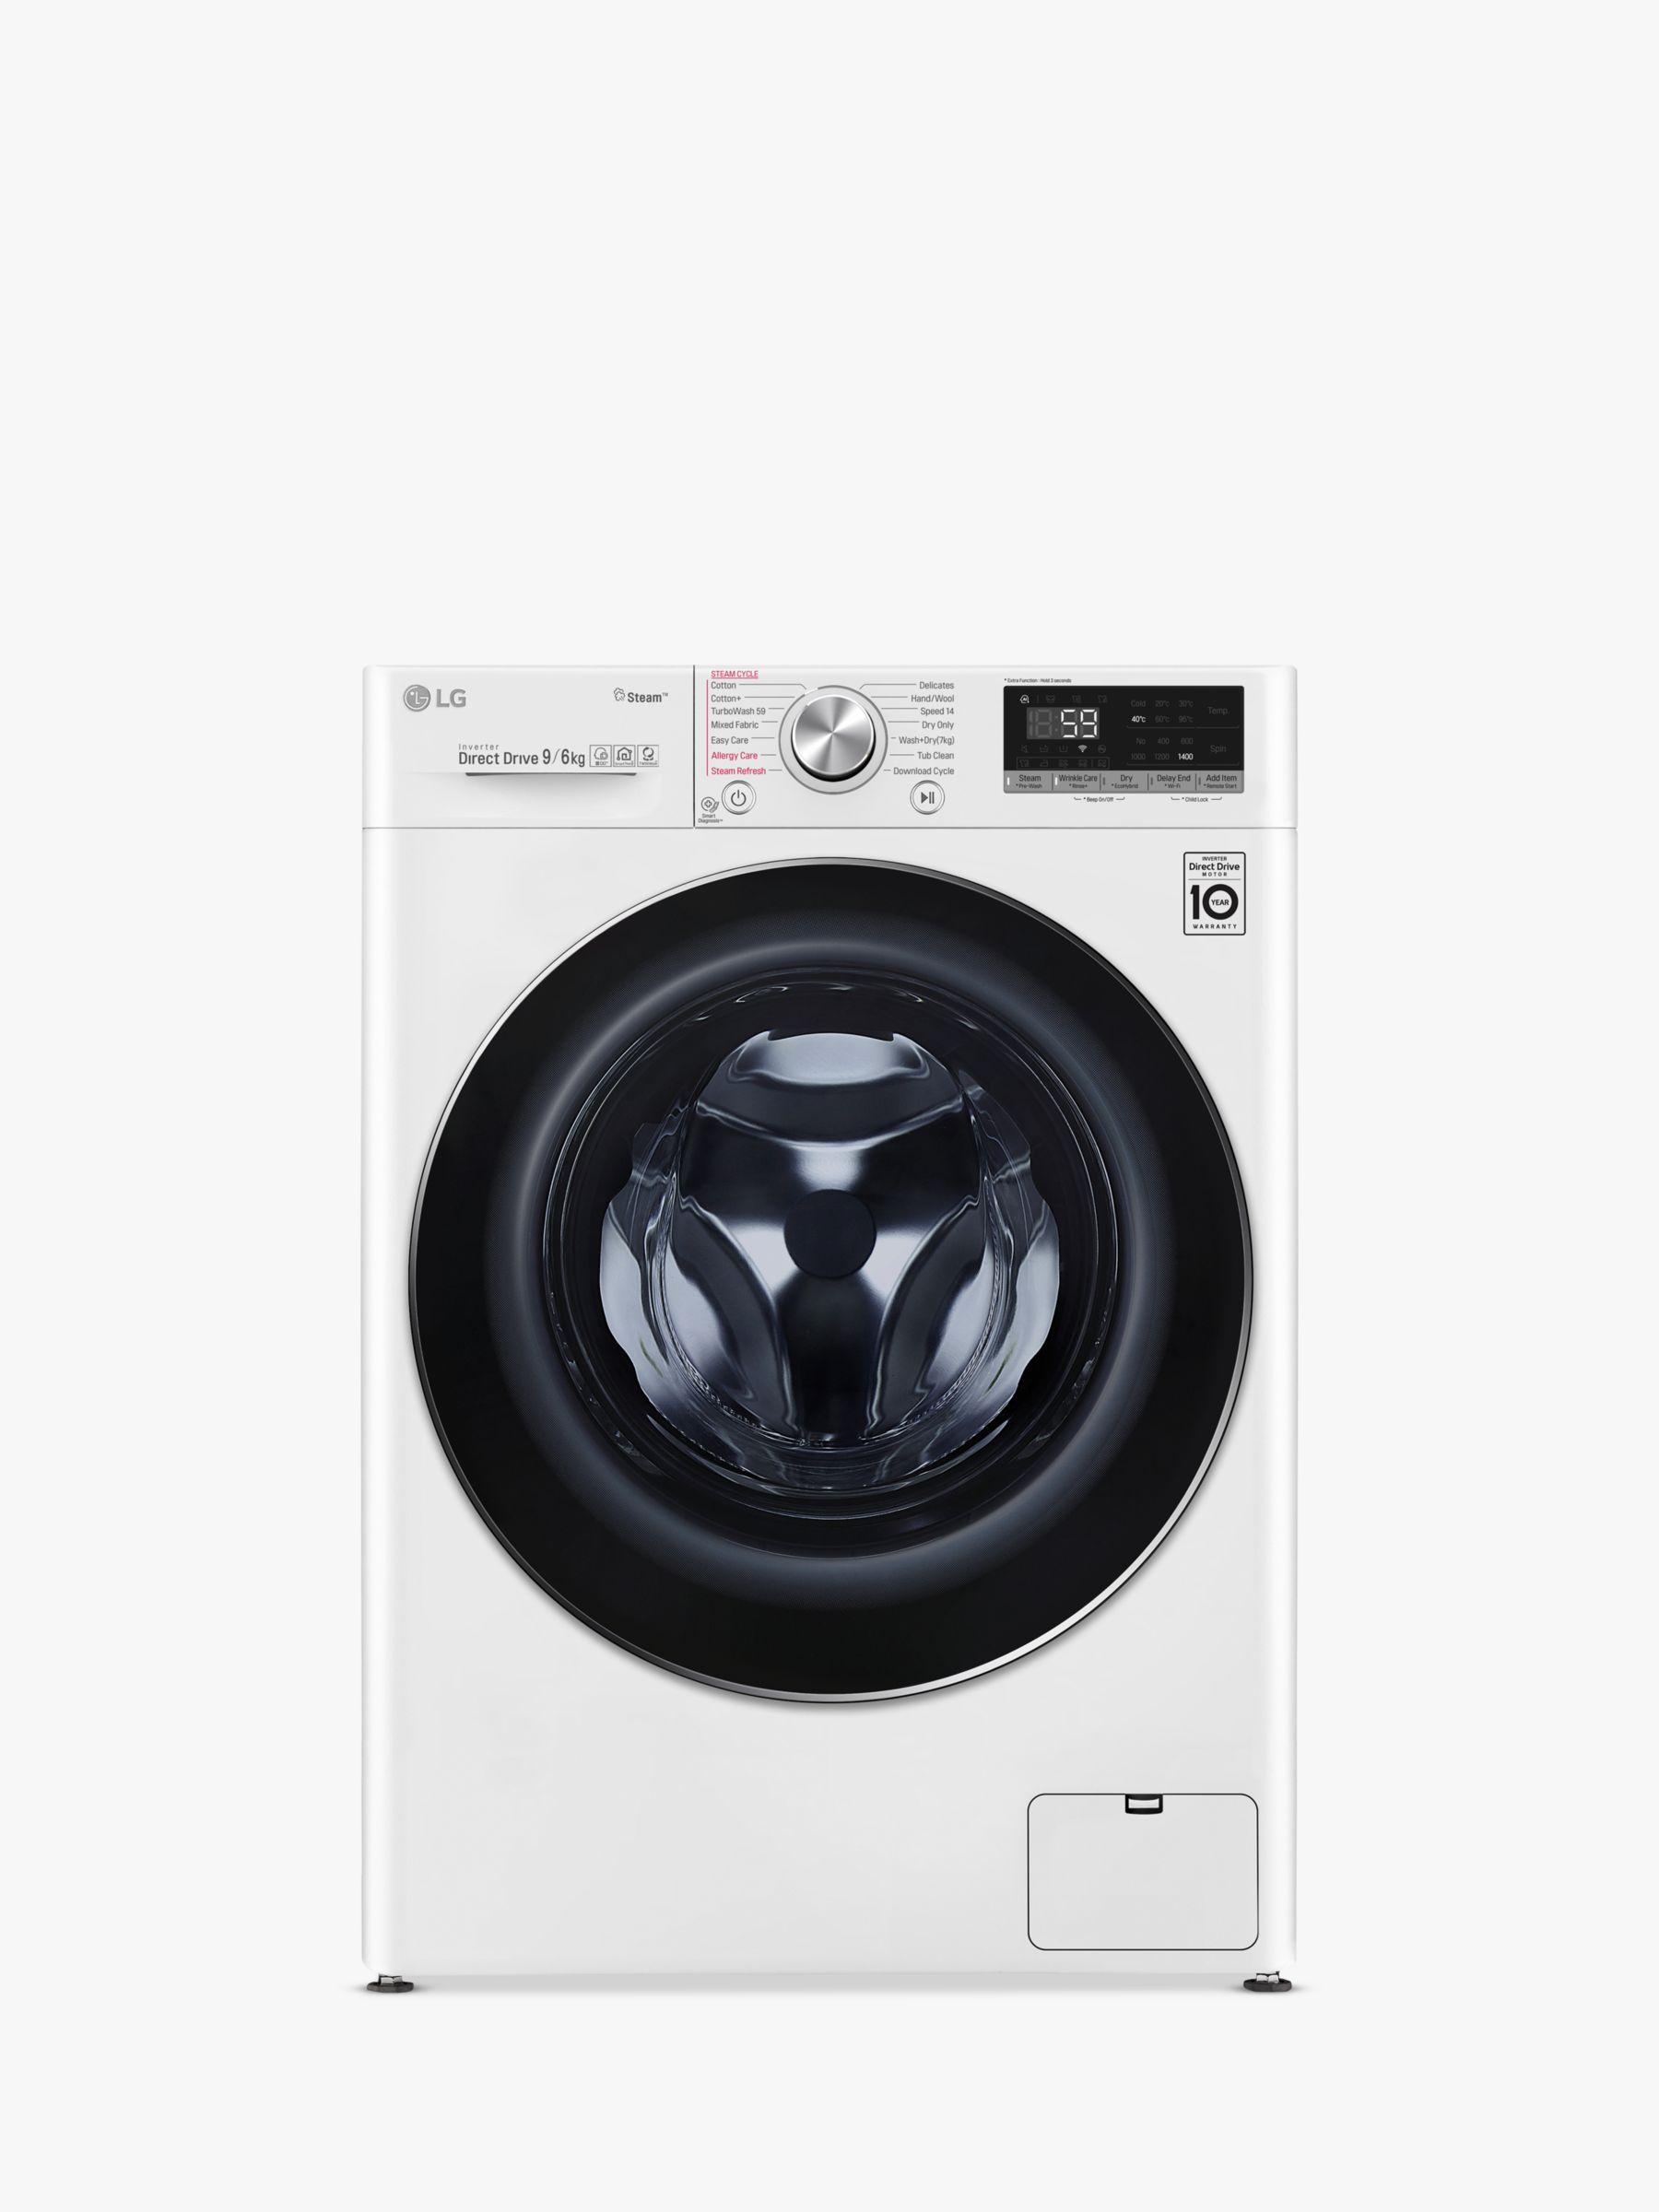 LG LG V700 FWV796WTS Washer Dryer, 9kg Wash/6kg Dry Load, A Energy Rating, White